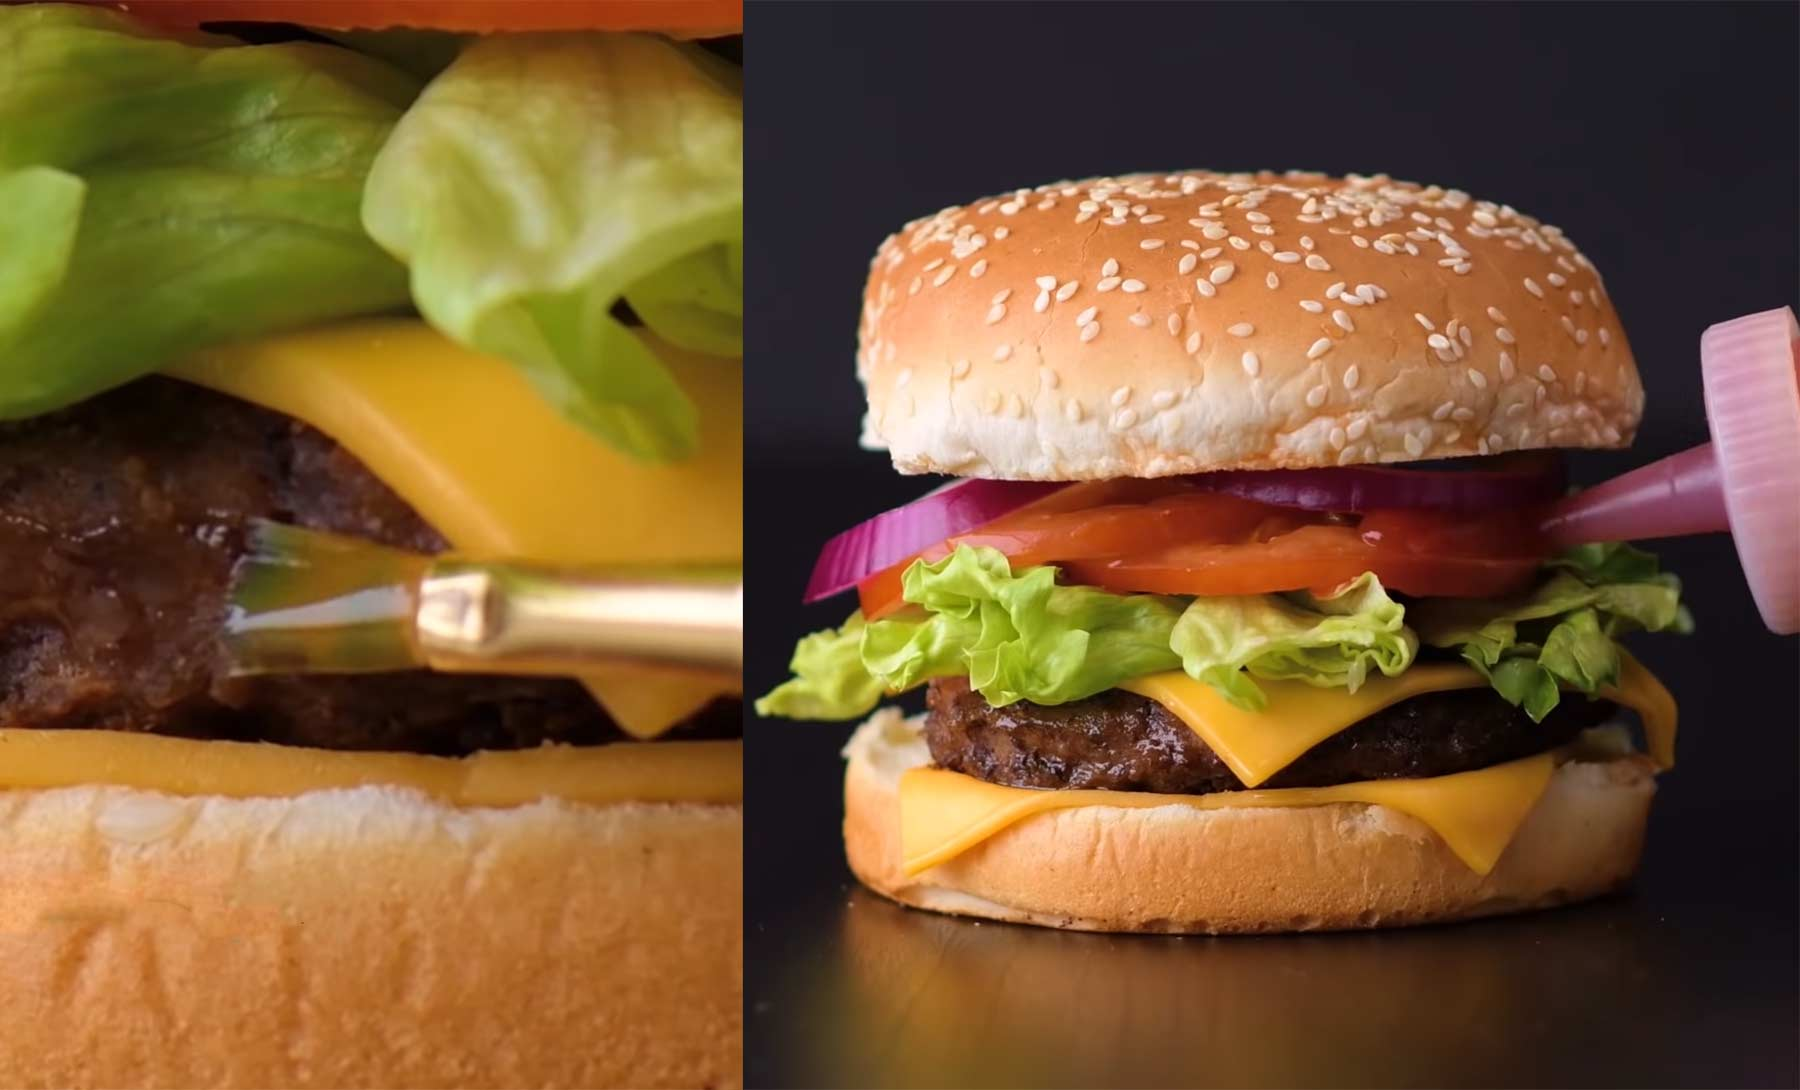 So werden Lebensmittel in der Werbung als leckerer Foodporn inszeniert lebensmittelfilm-tricks